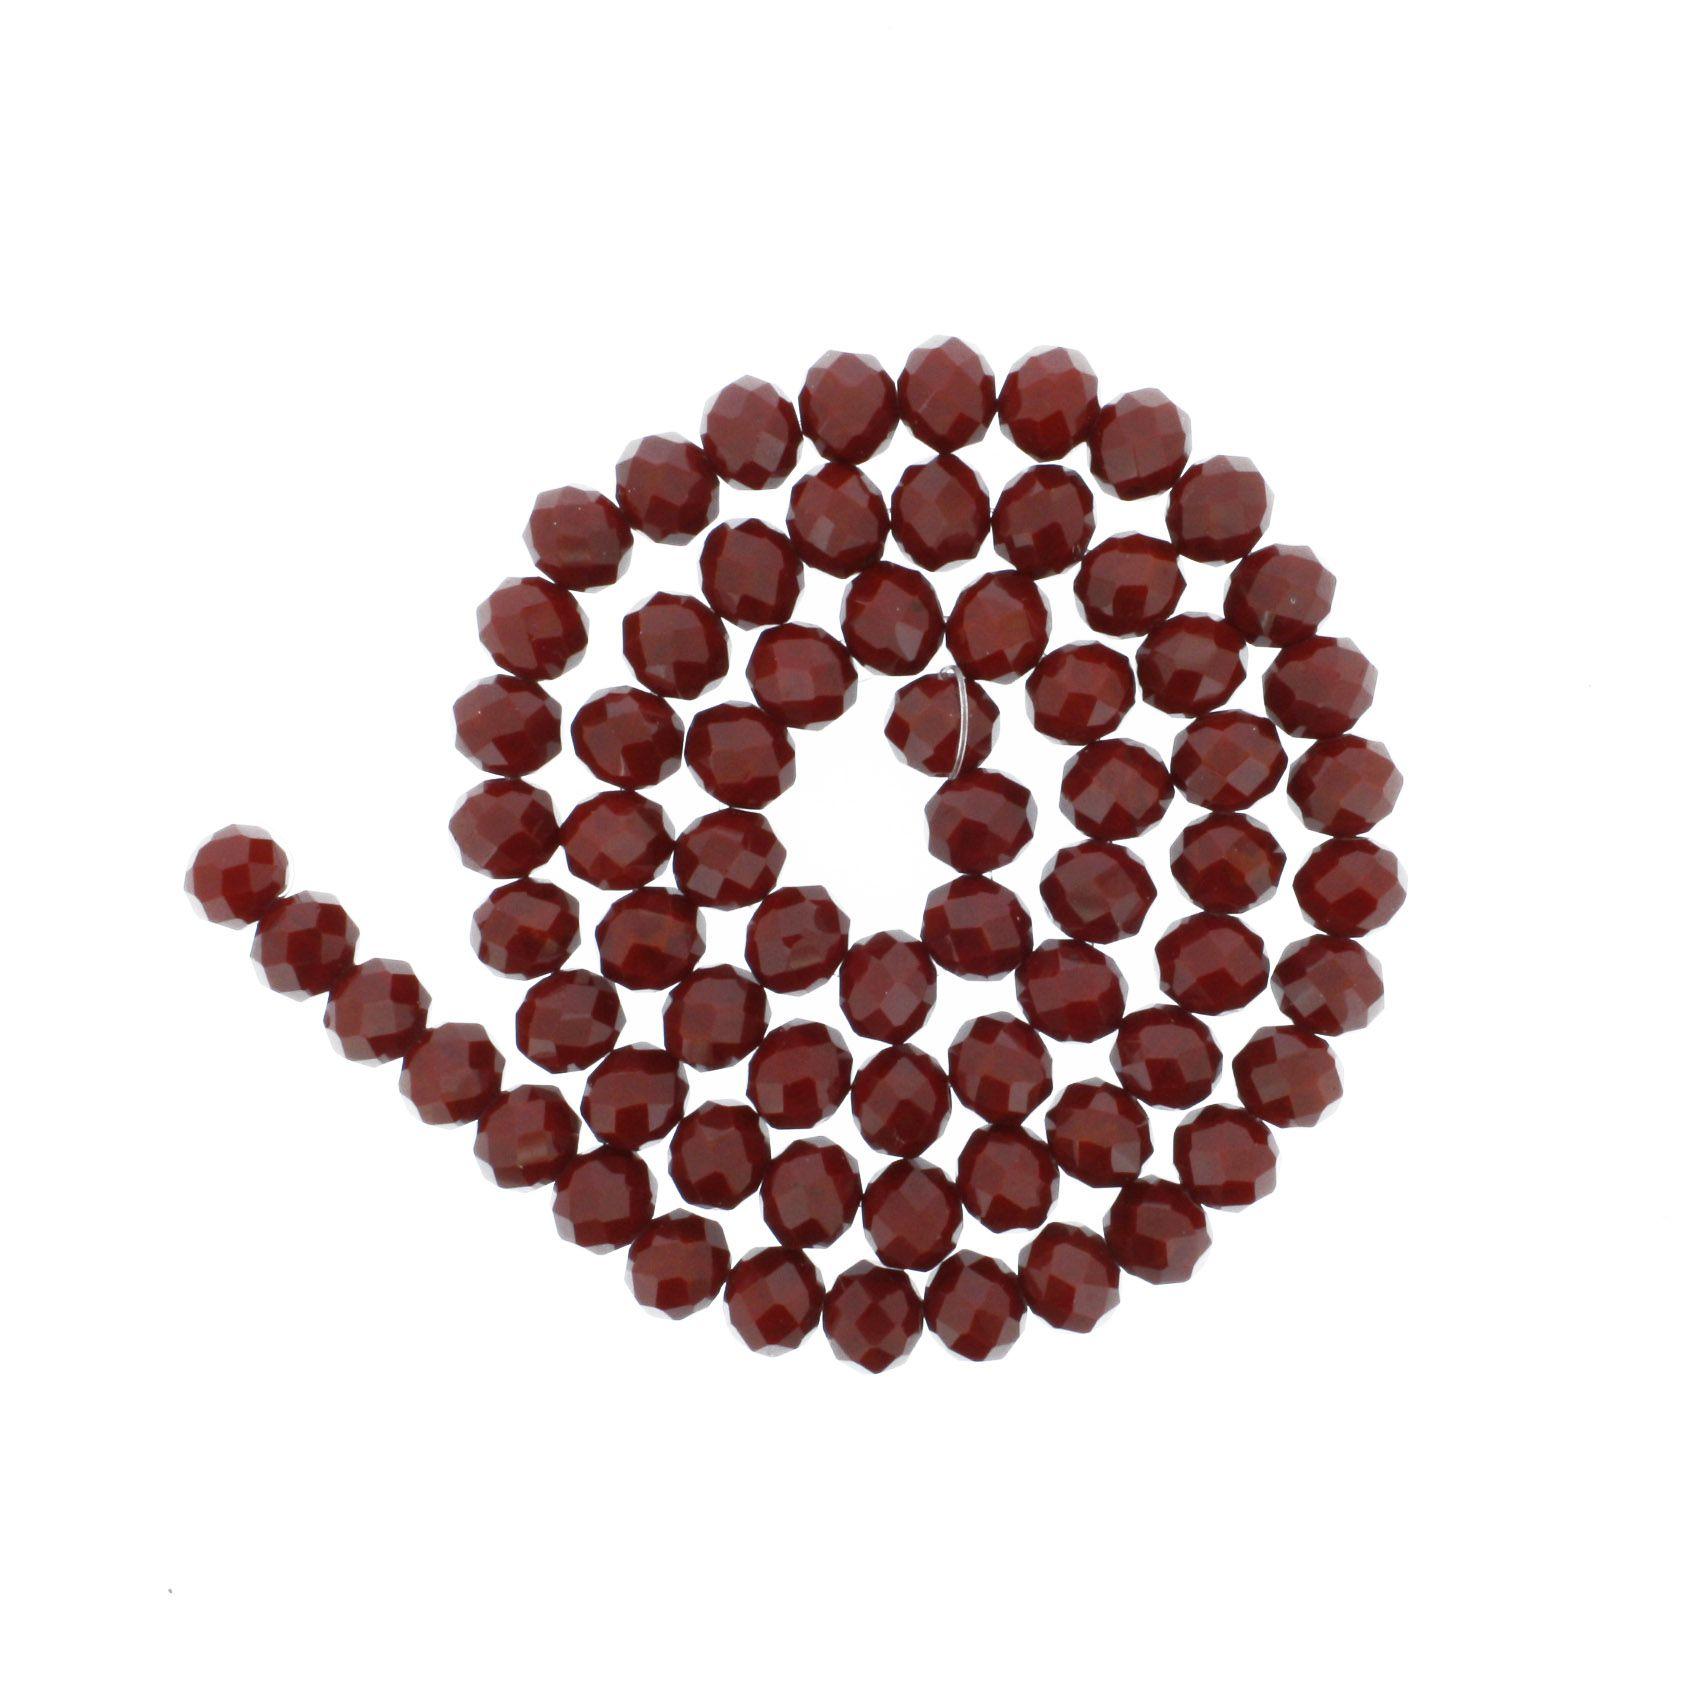 Fio de Cristal - Flat® - Vermelho Escuro - 10mm  - Stéphanie Bijoux® - Peças para Bijuterias e Artesanato